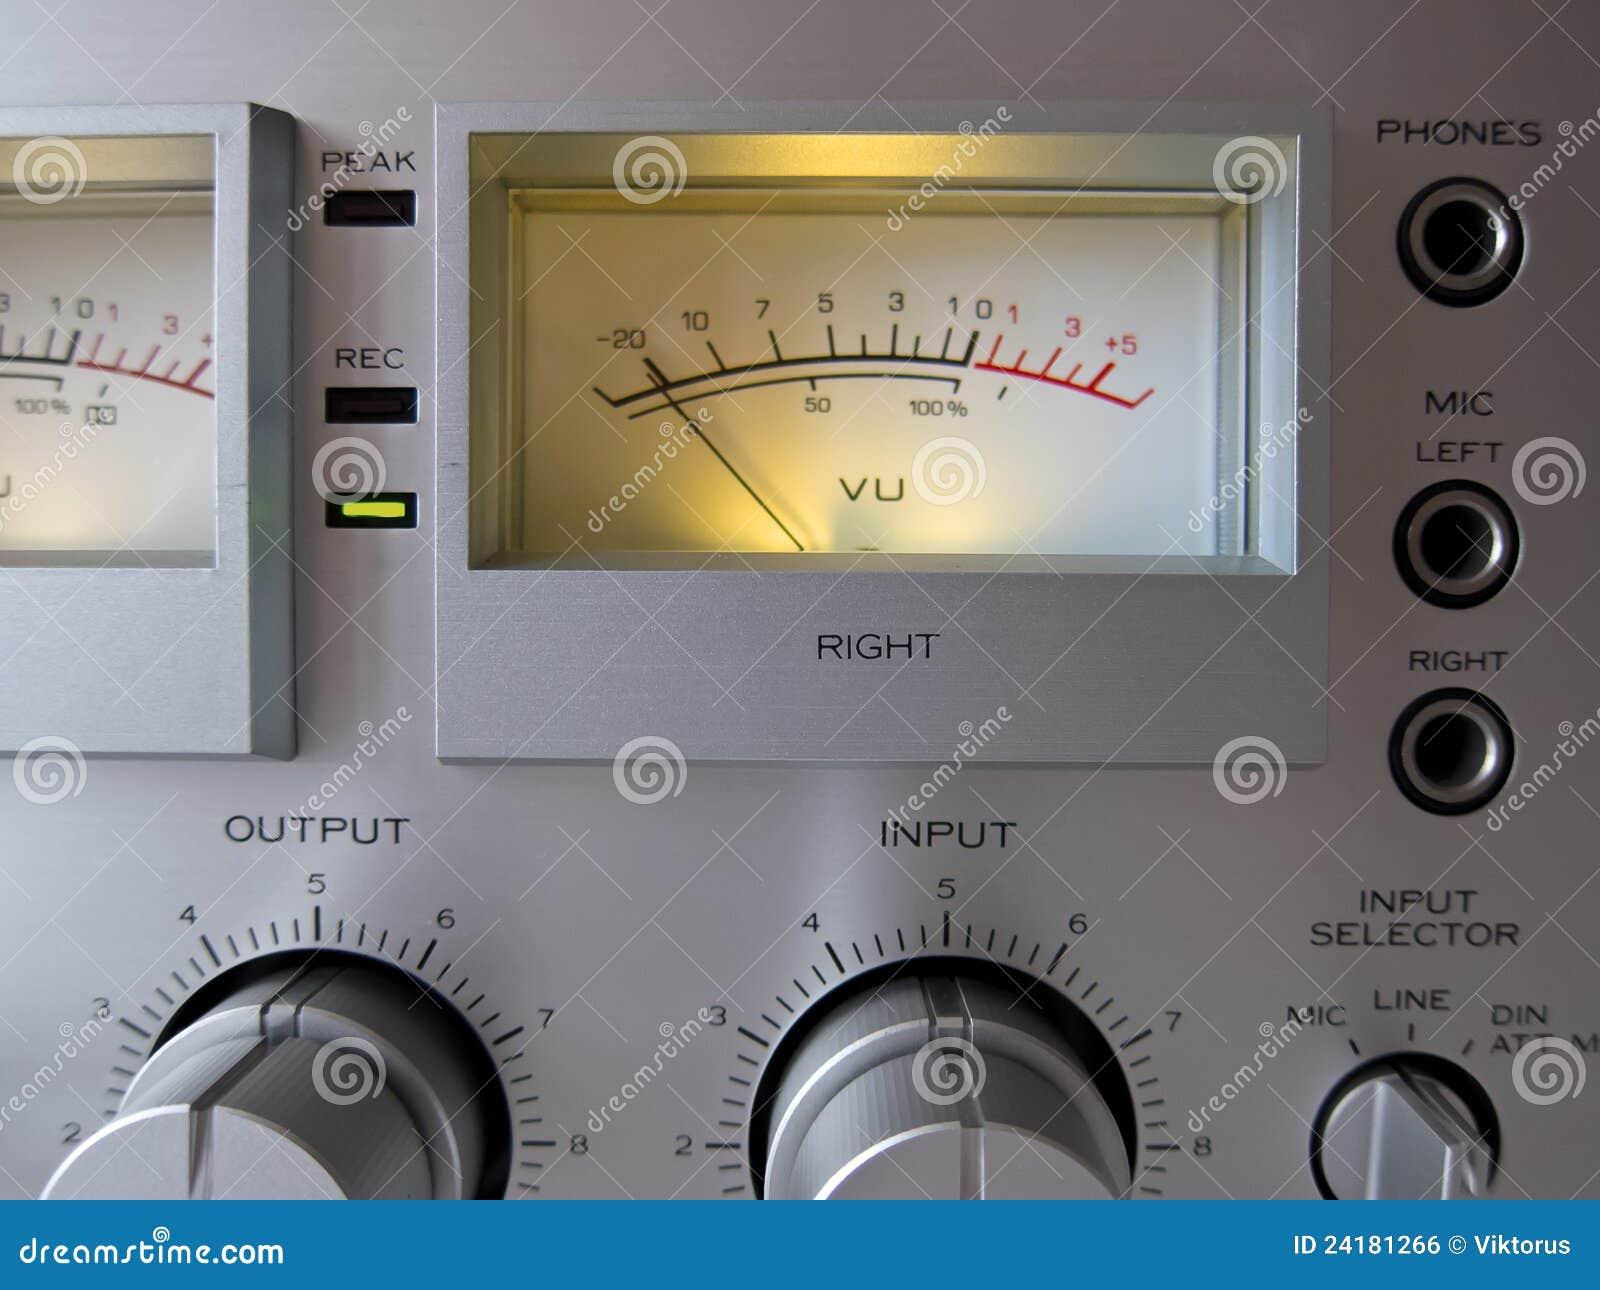 Analog Meter Background : Analog signal vu meter royalty free stock image